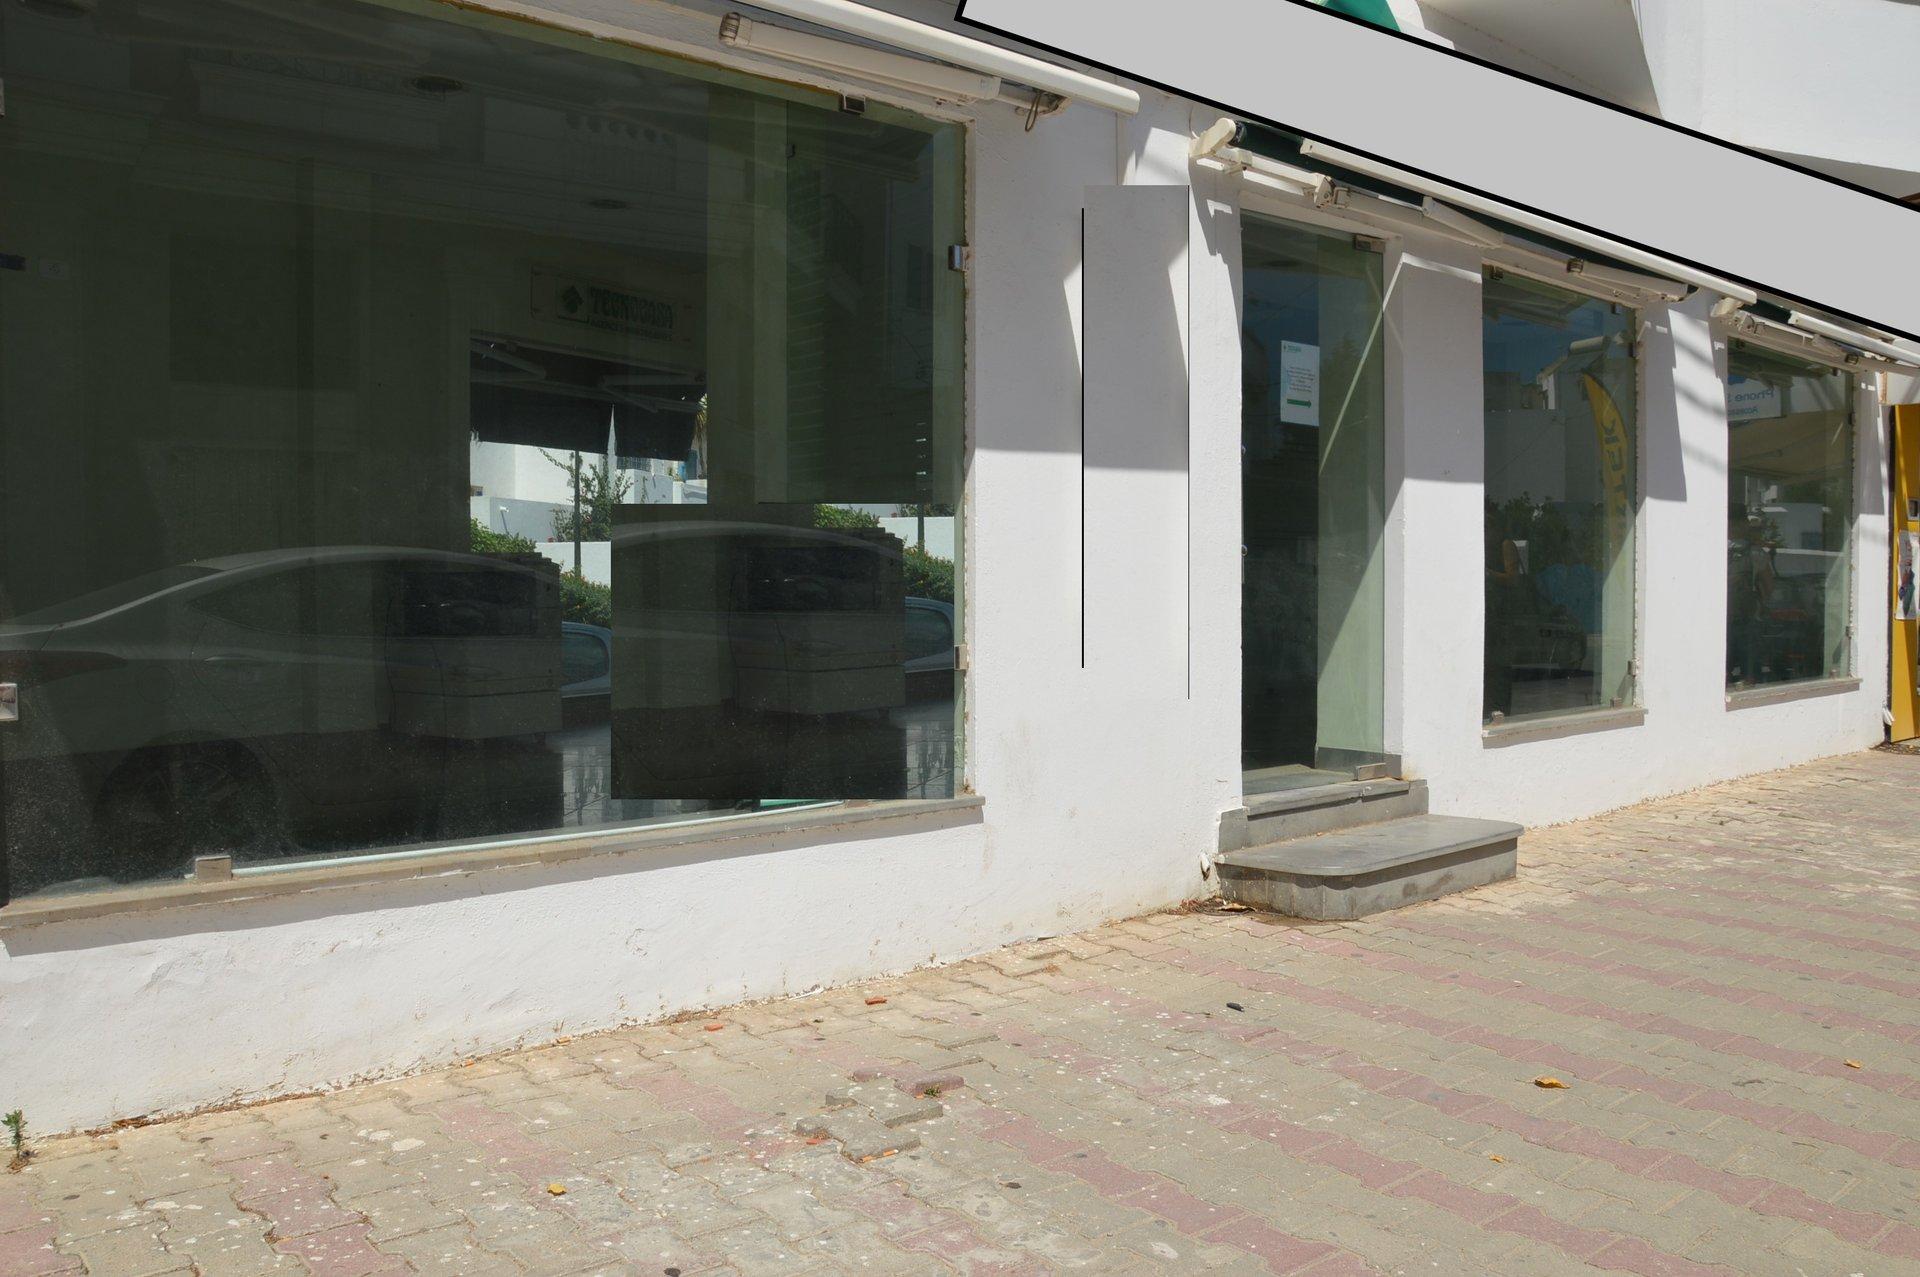 Local commercial 94m² à la Marsa